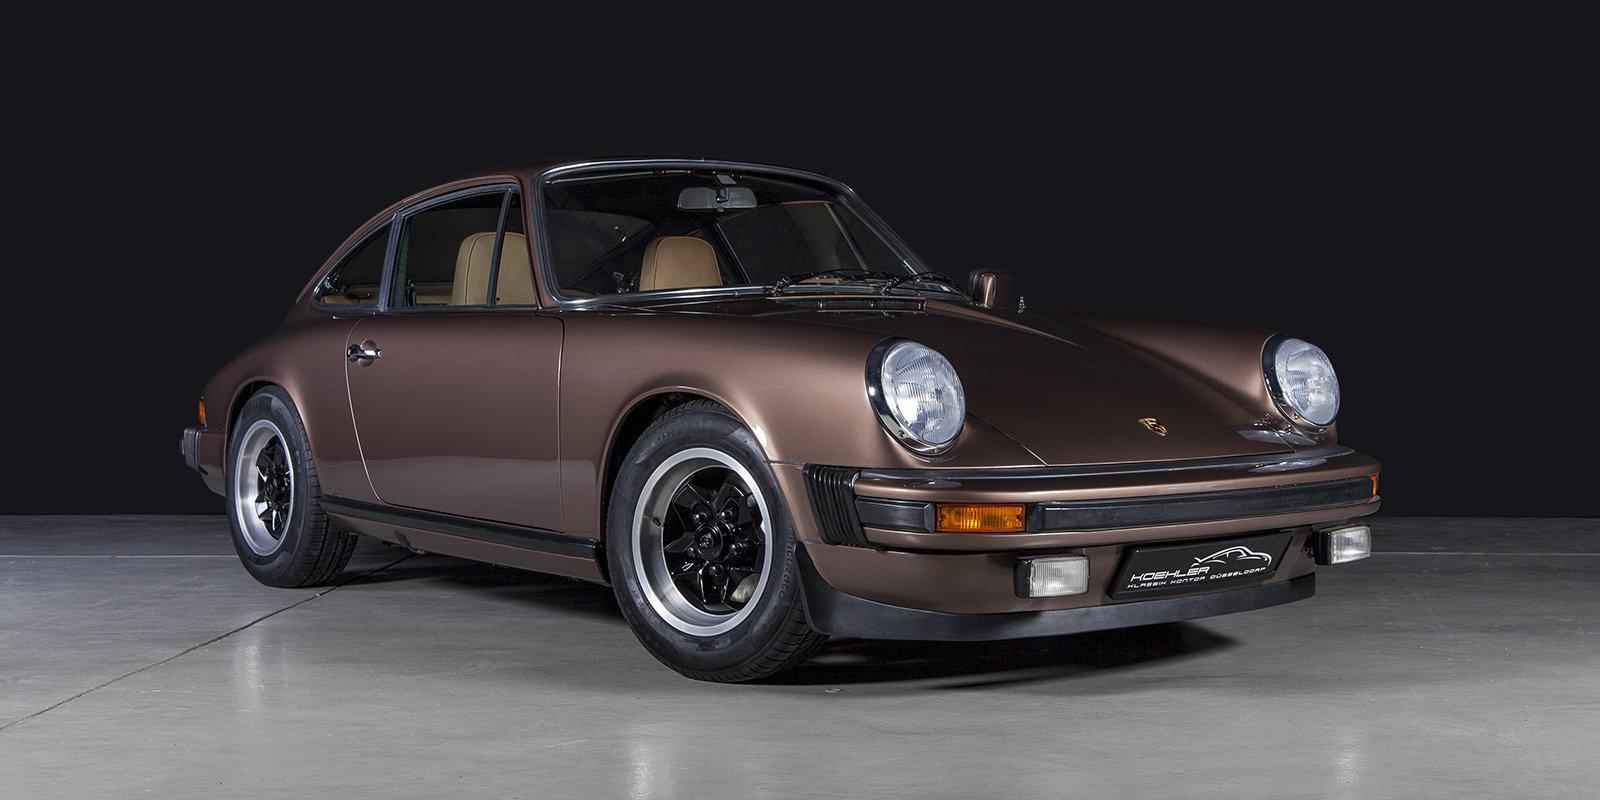 1976 Porsche 911 2.7S coupé copper brown tartan For Sale (picture 1 of 4)